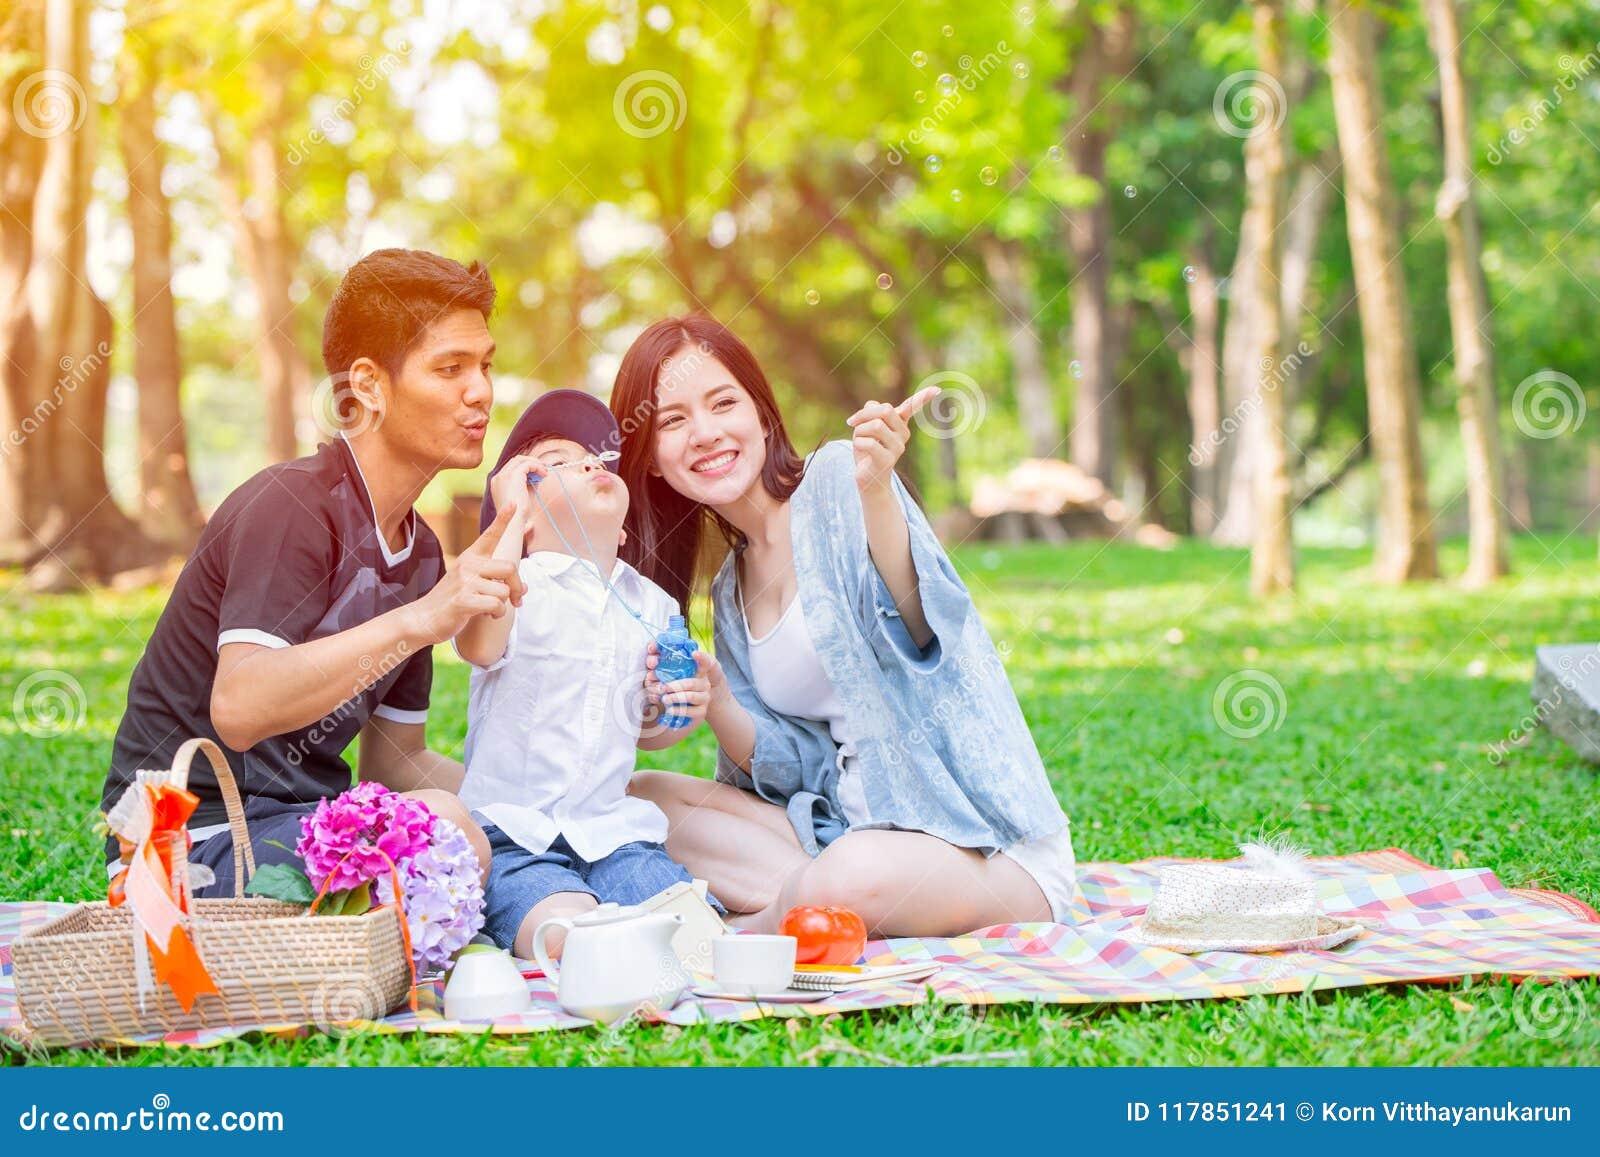 Ögonblick för picknick för ferie för asiatisk tonårig unge för familj en lyckligt i parkera